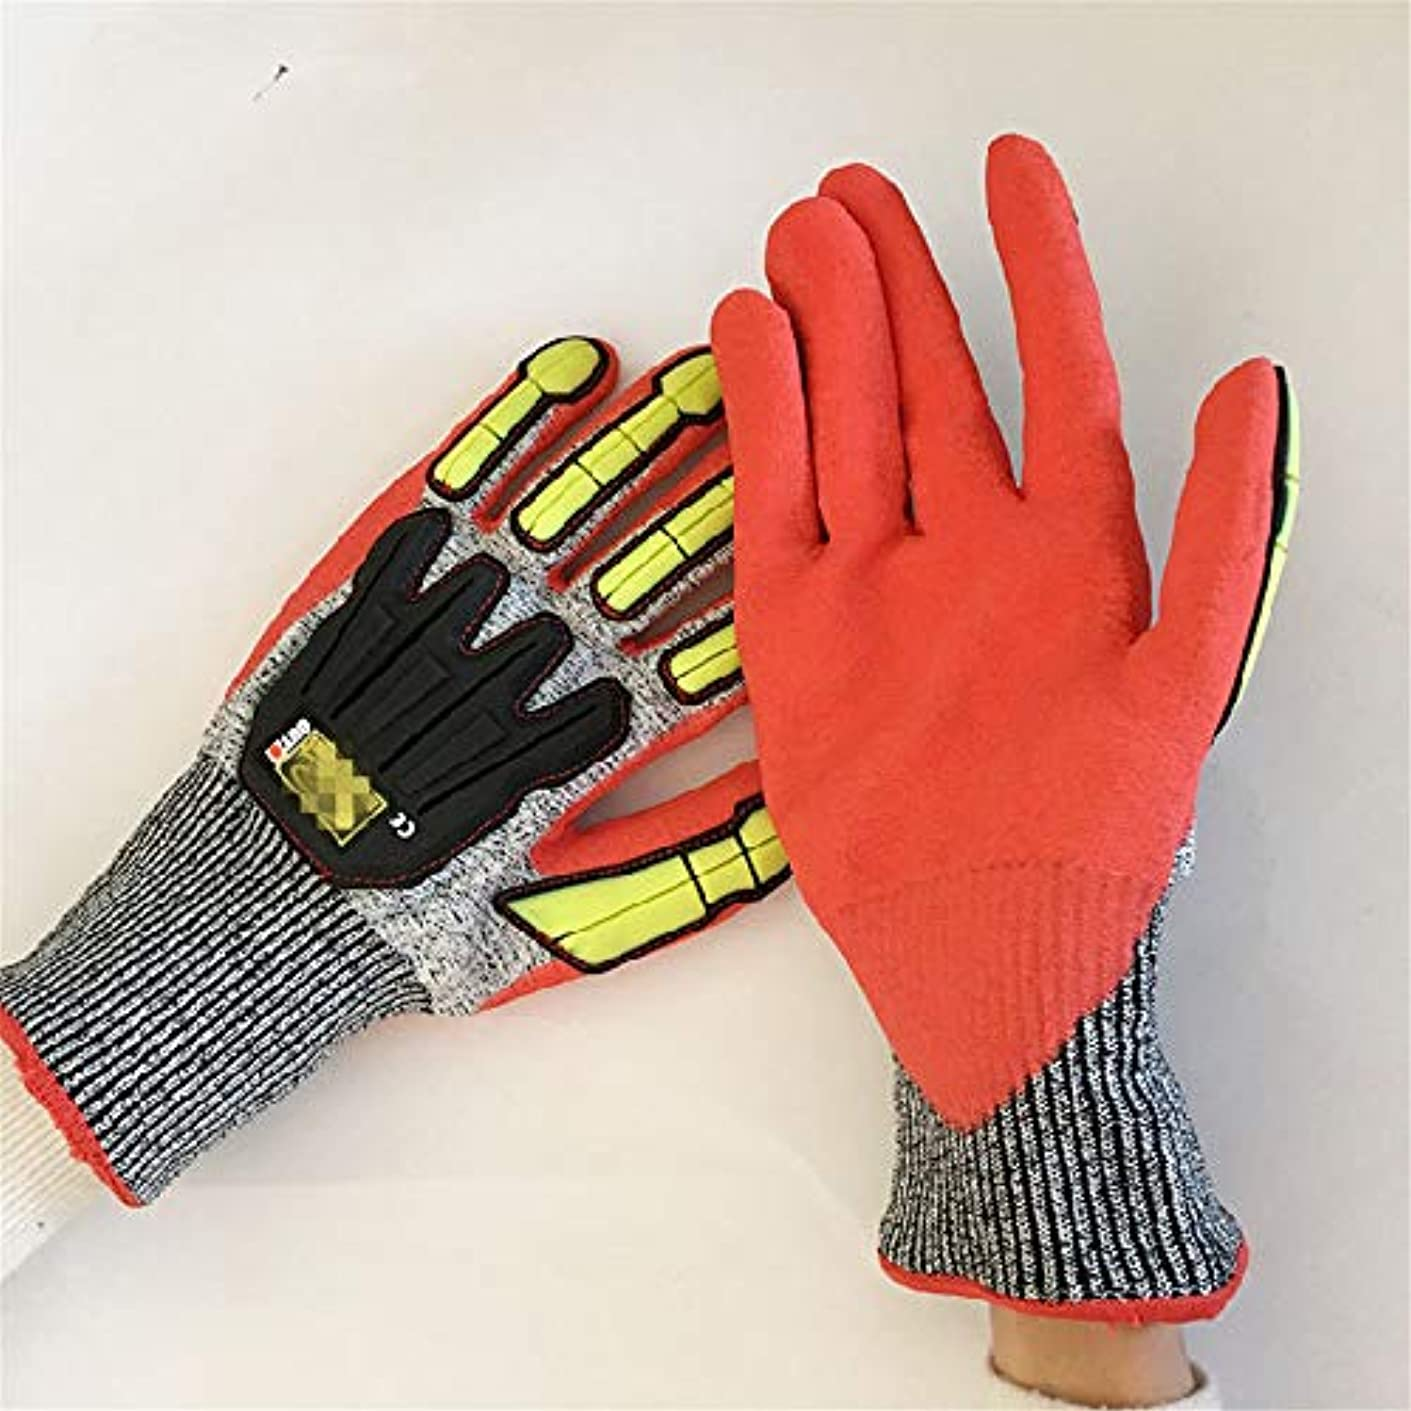 害虫ちょうつがい否定する快適 TPRアンチコリジョングローブ5グレードアンチカットディープ石油手袋 (色 : 赤)